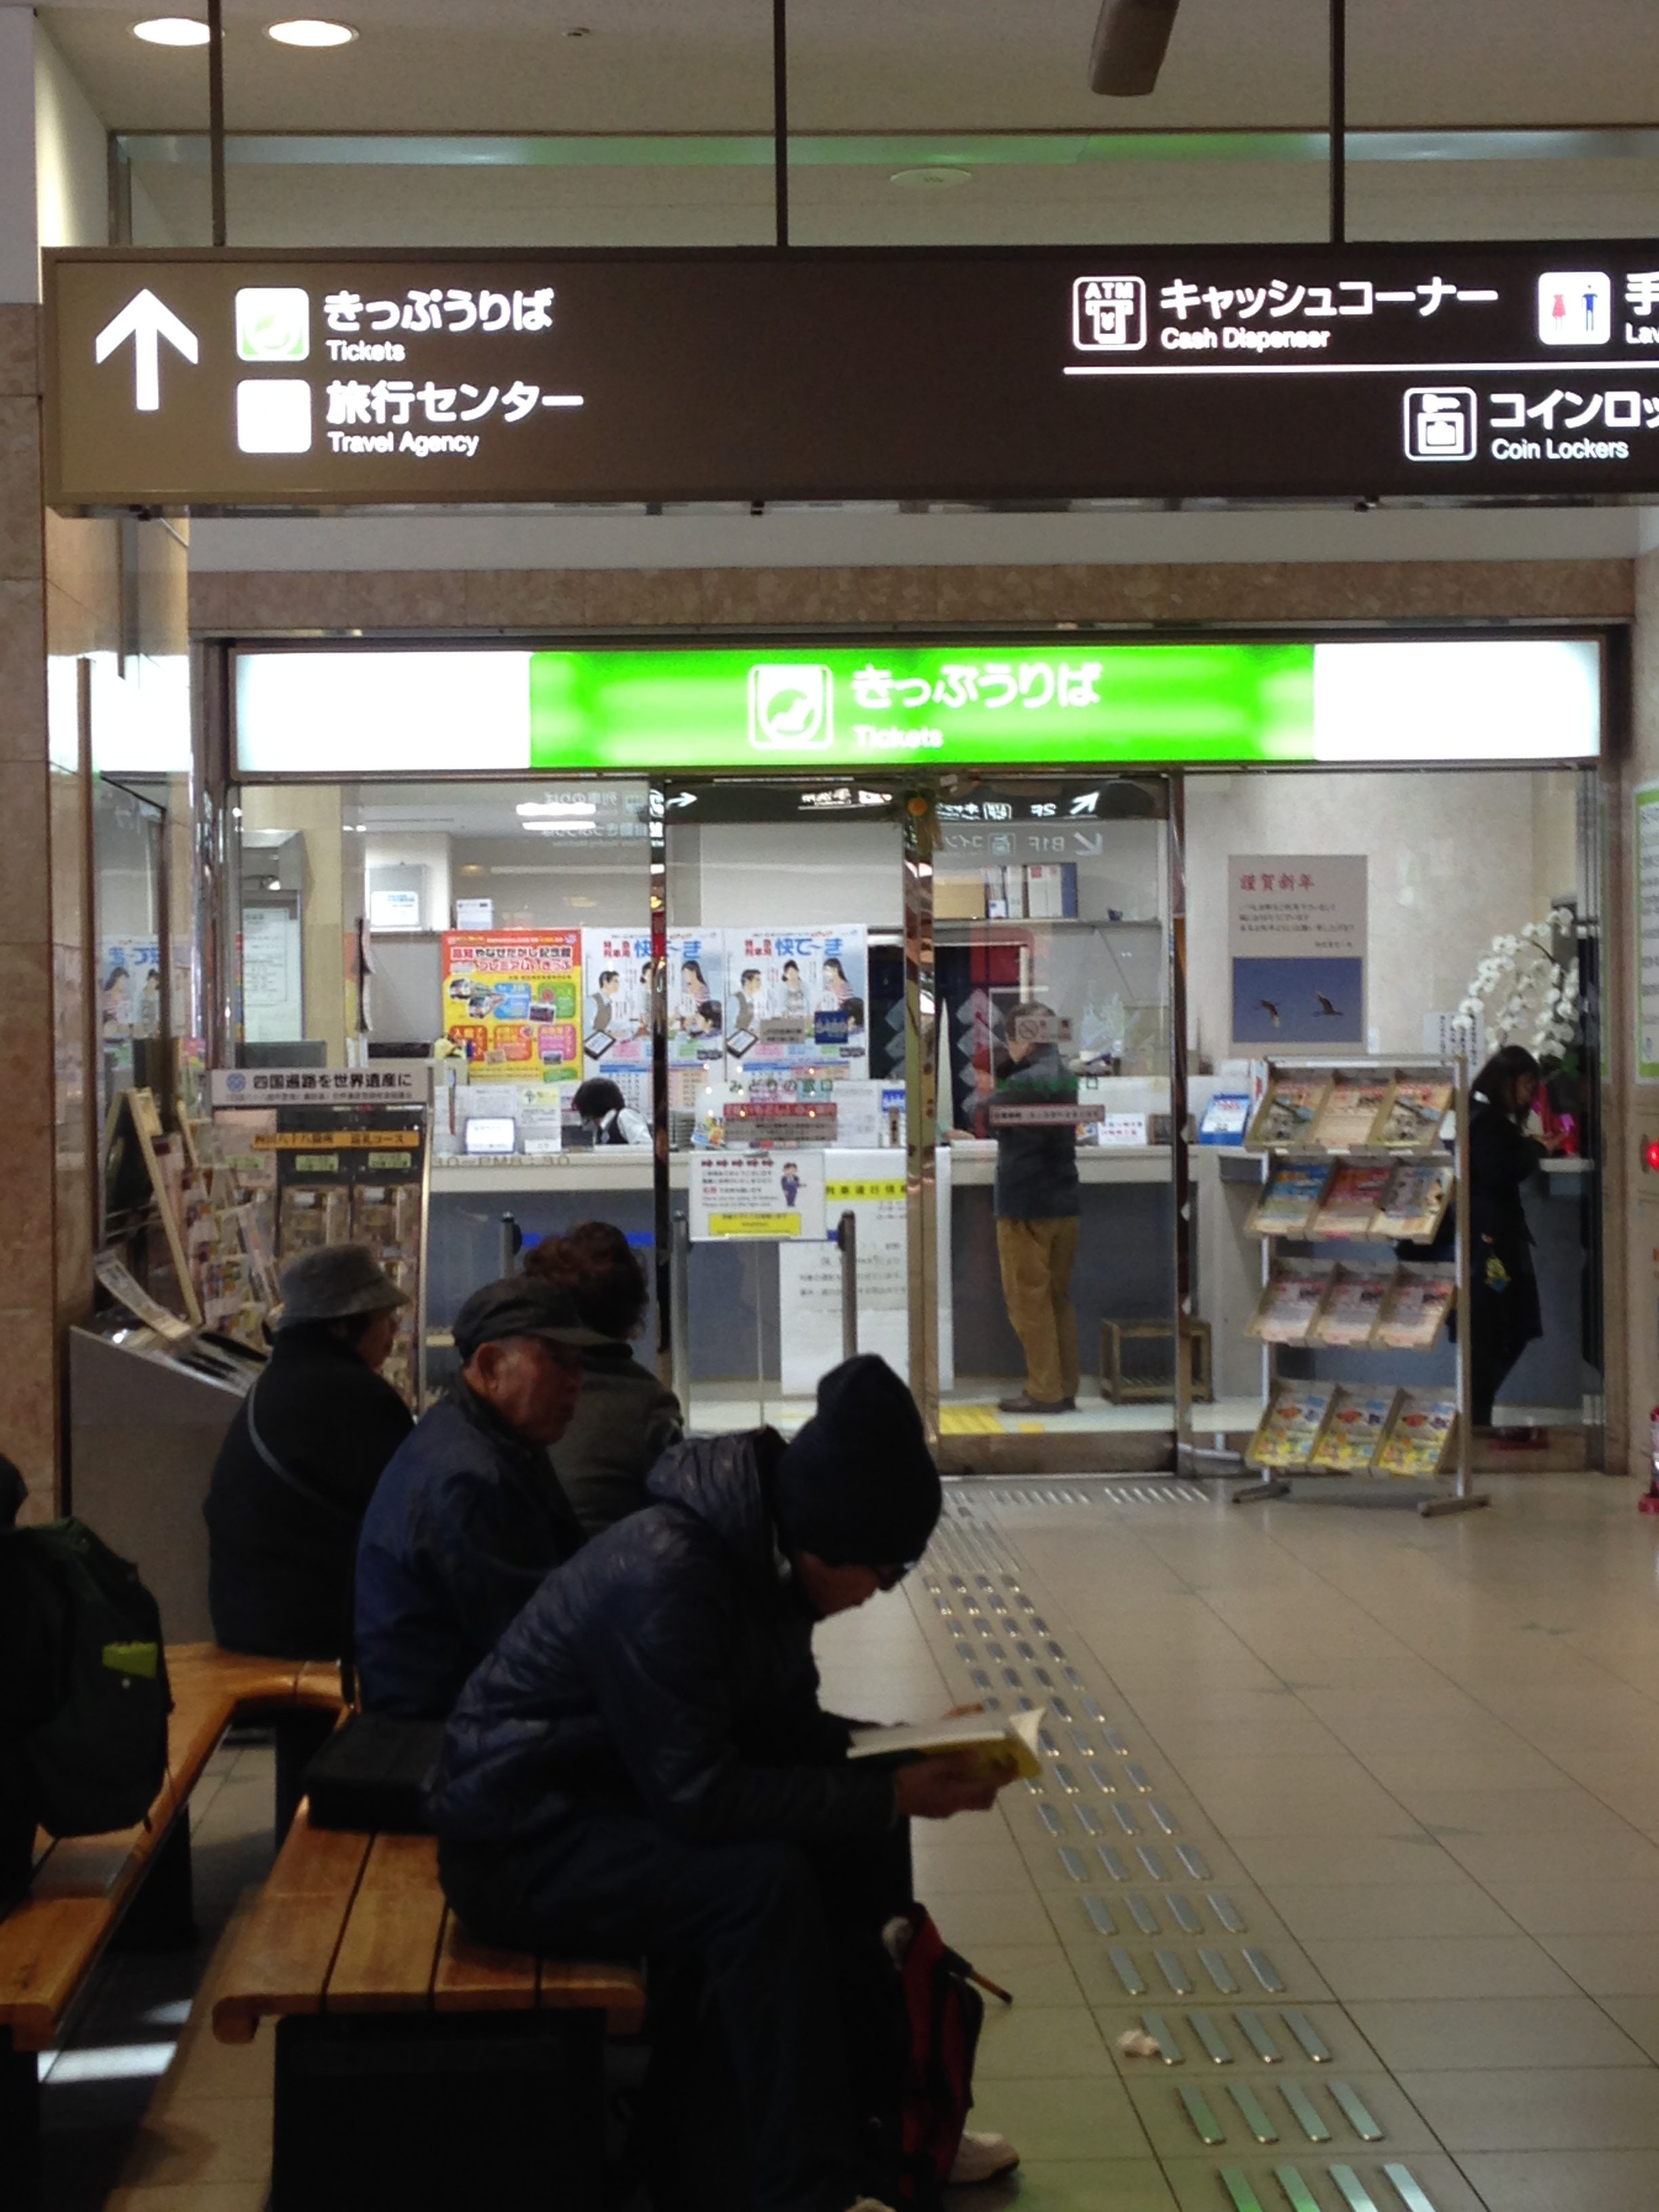 JR徳島駅のみどりの窓口の場所と営業時間!駅改札から歩いて ...